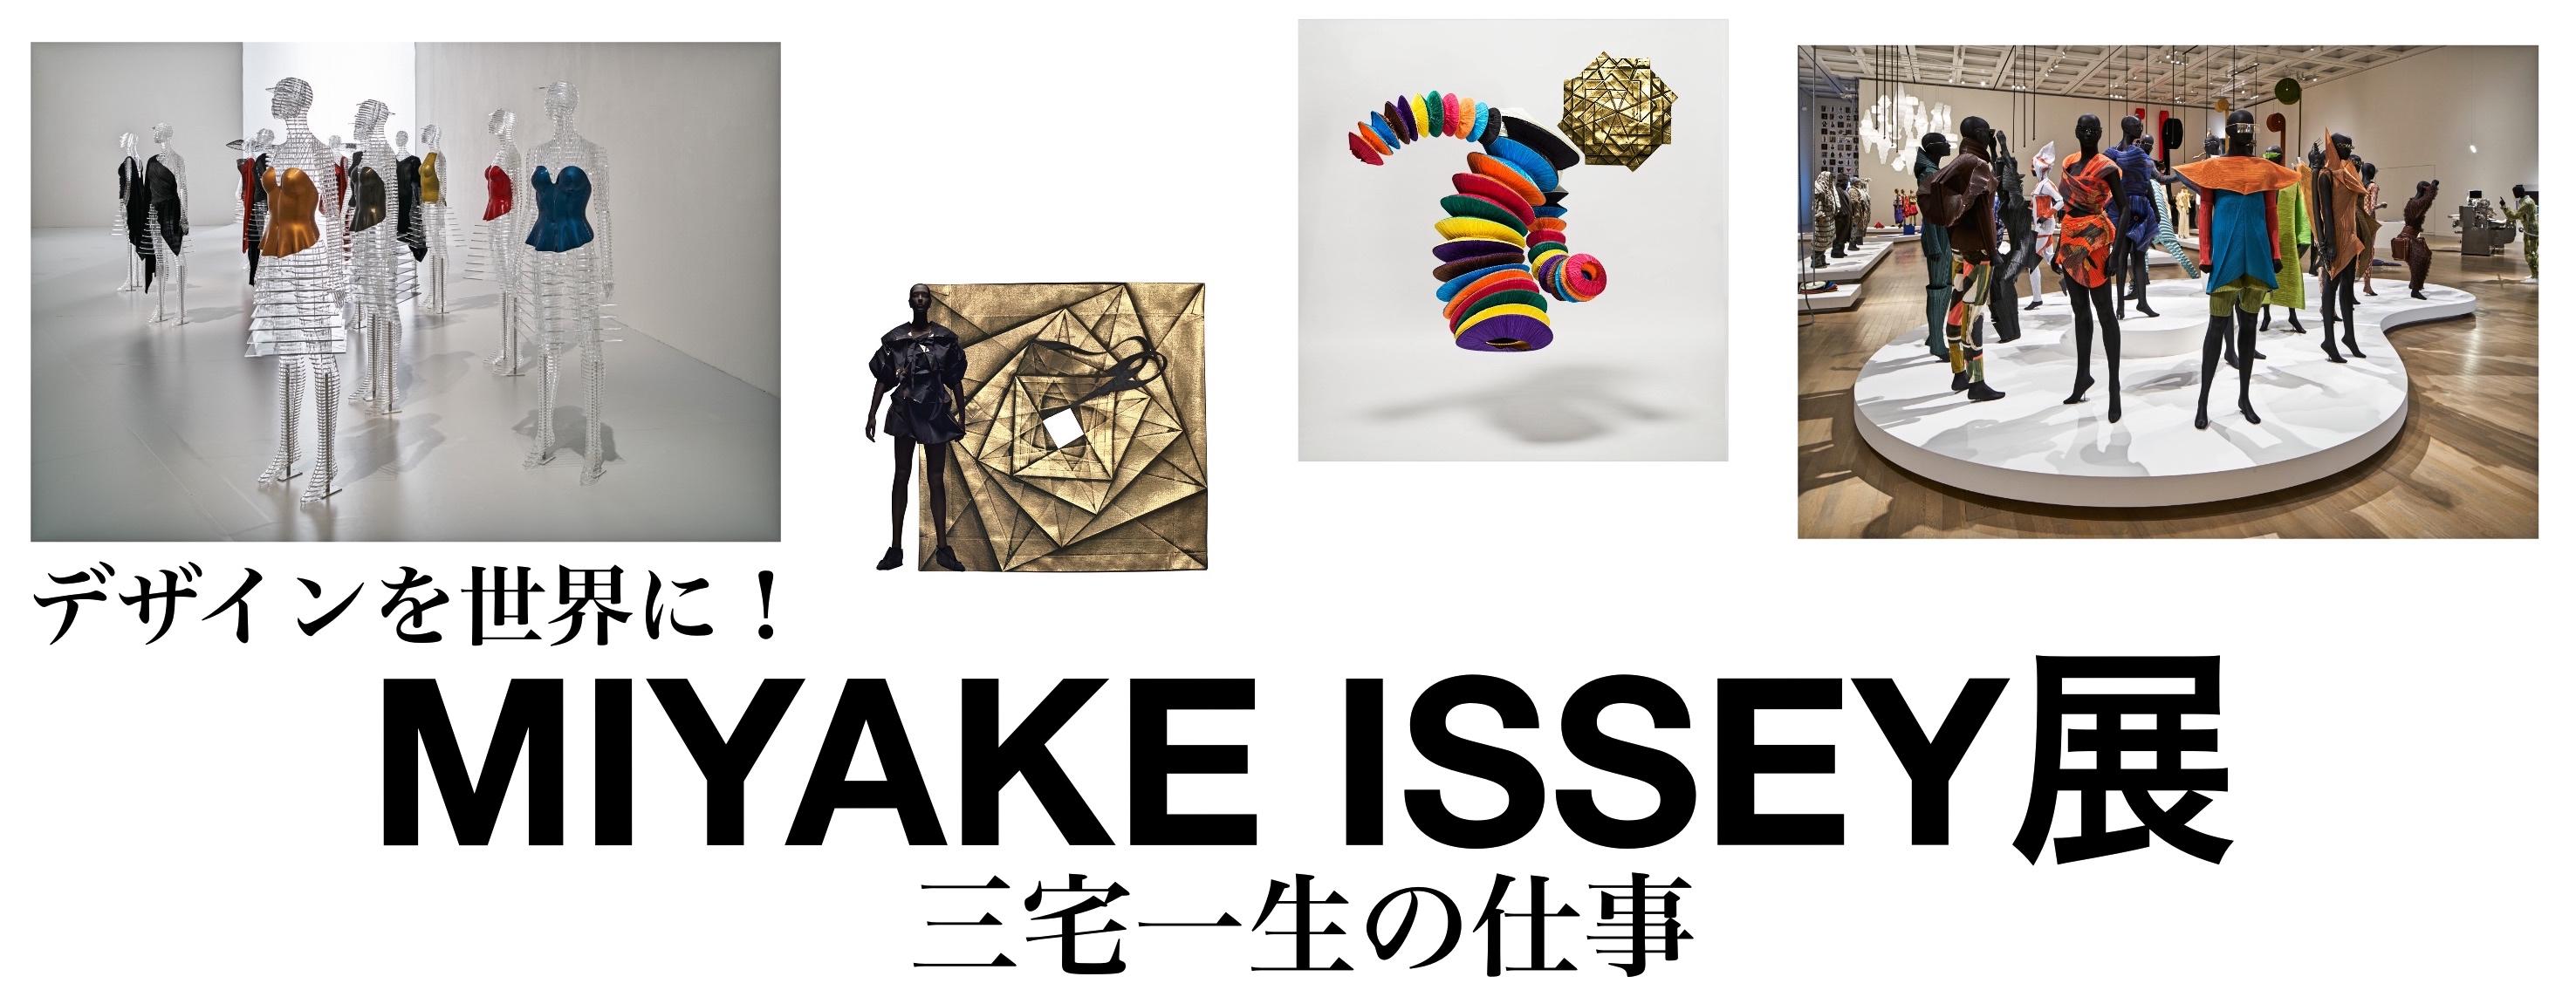 デザインを世界に!「MIYAKE ISSEY展: 三宅一生の仕事」